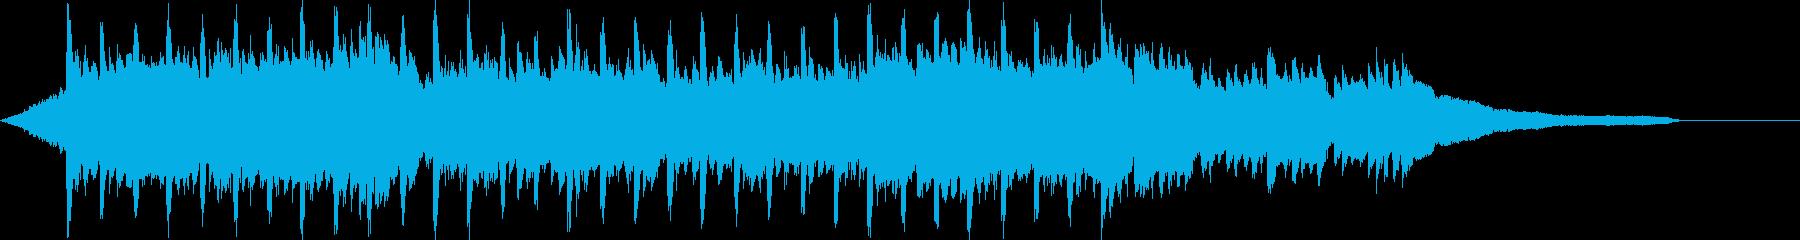 企業VP系47、爽やかピアノ4つ打ちcの再生済みの波形